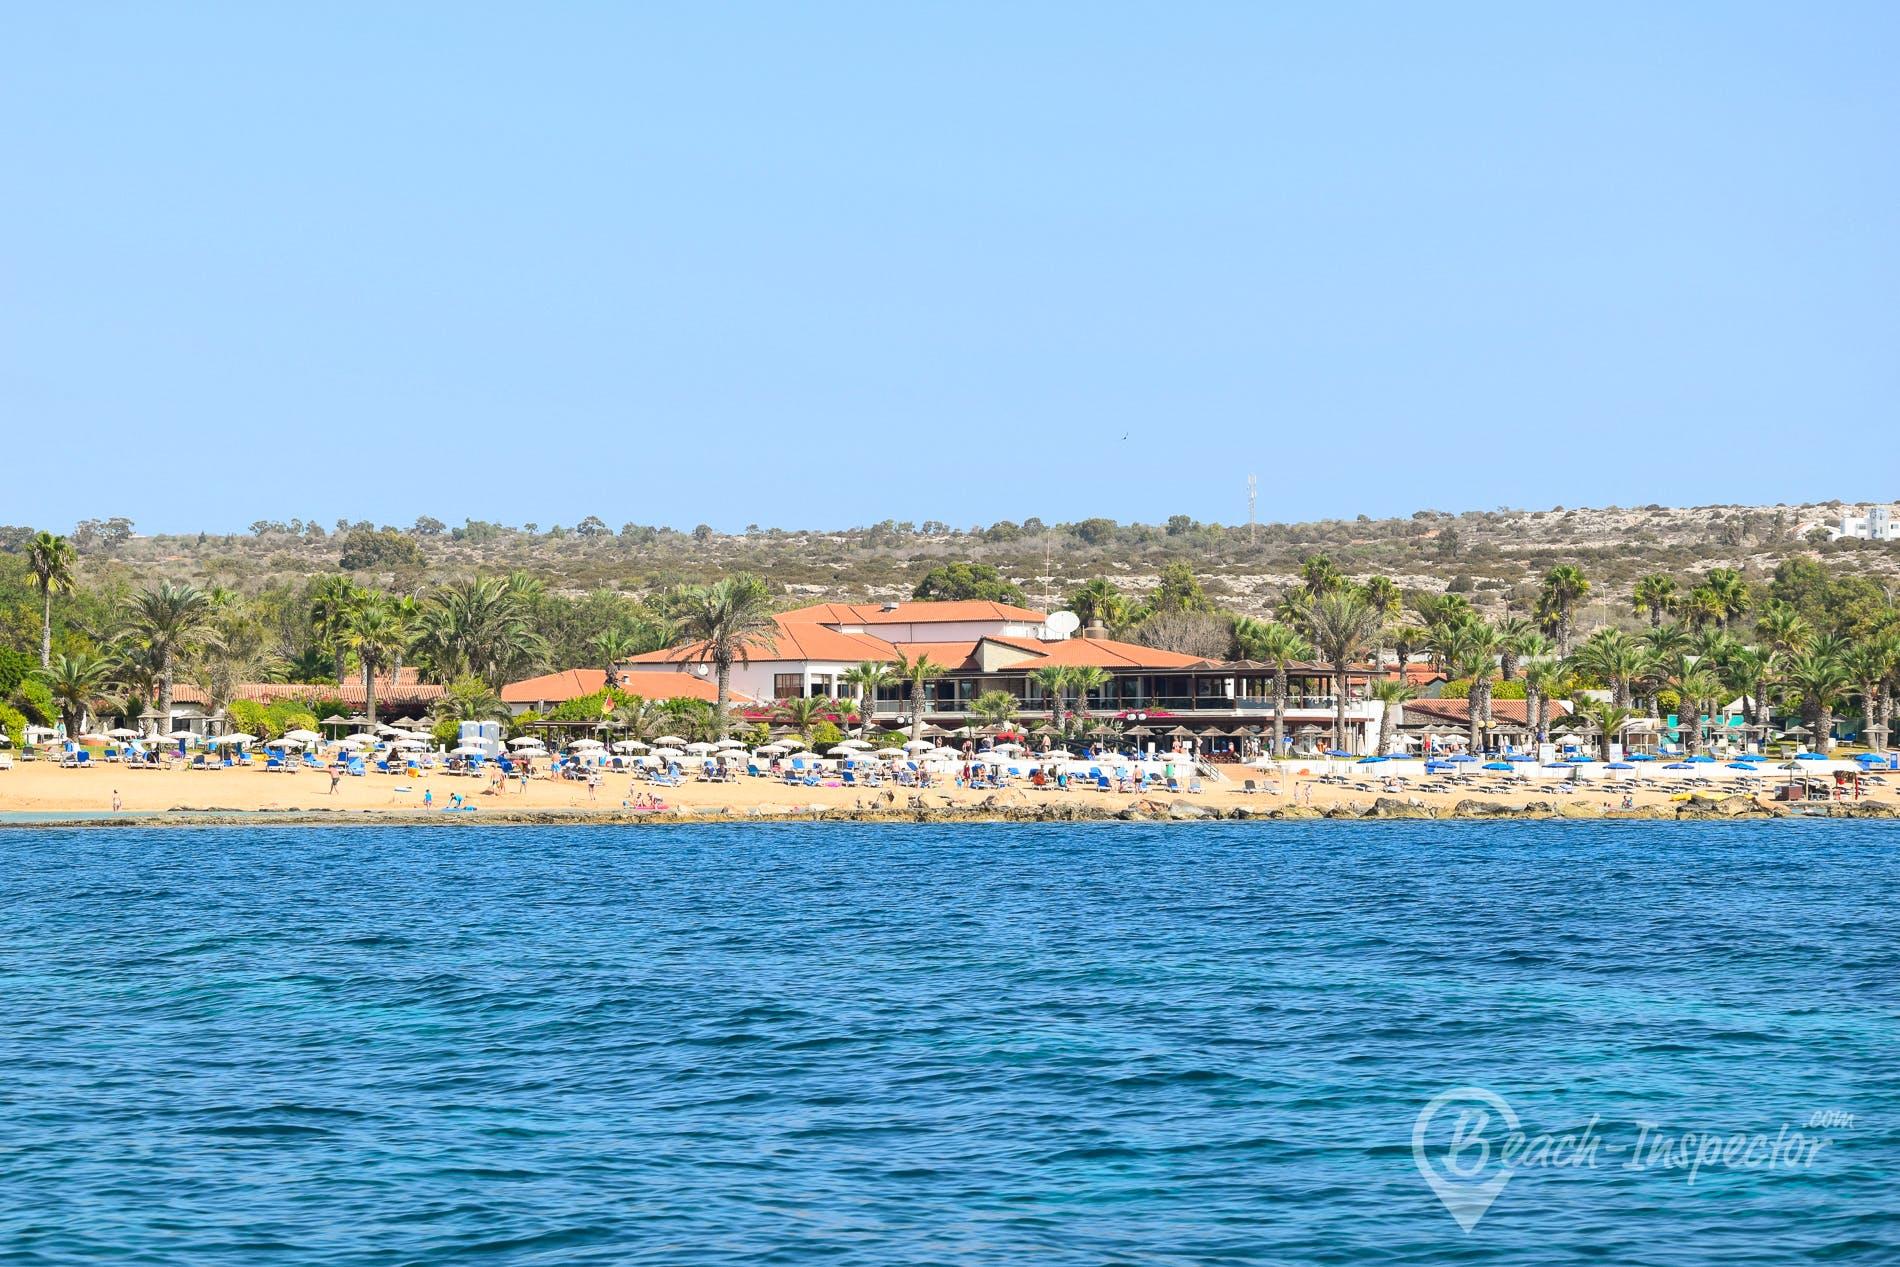 Strand Kermia Beach, Zypern, Zypern